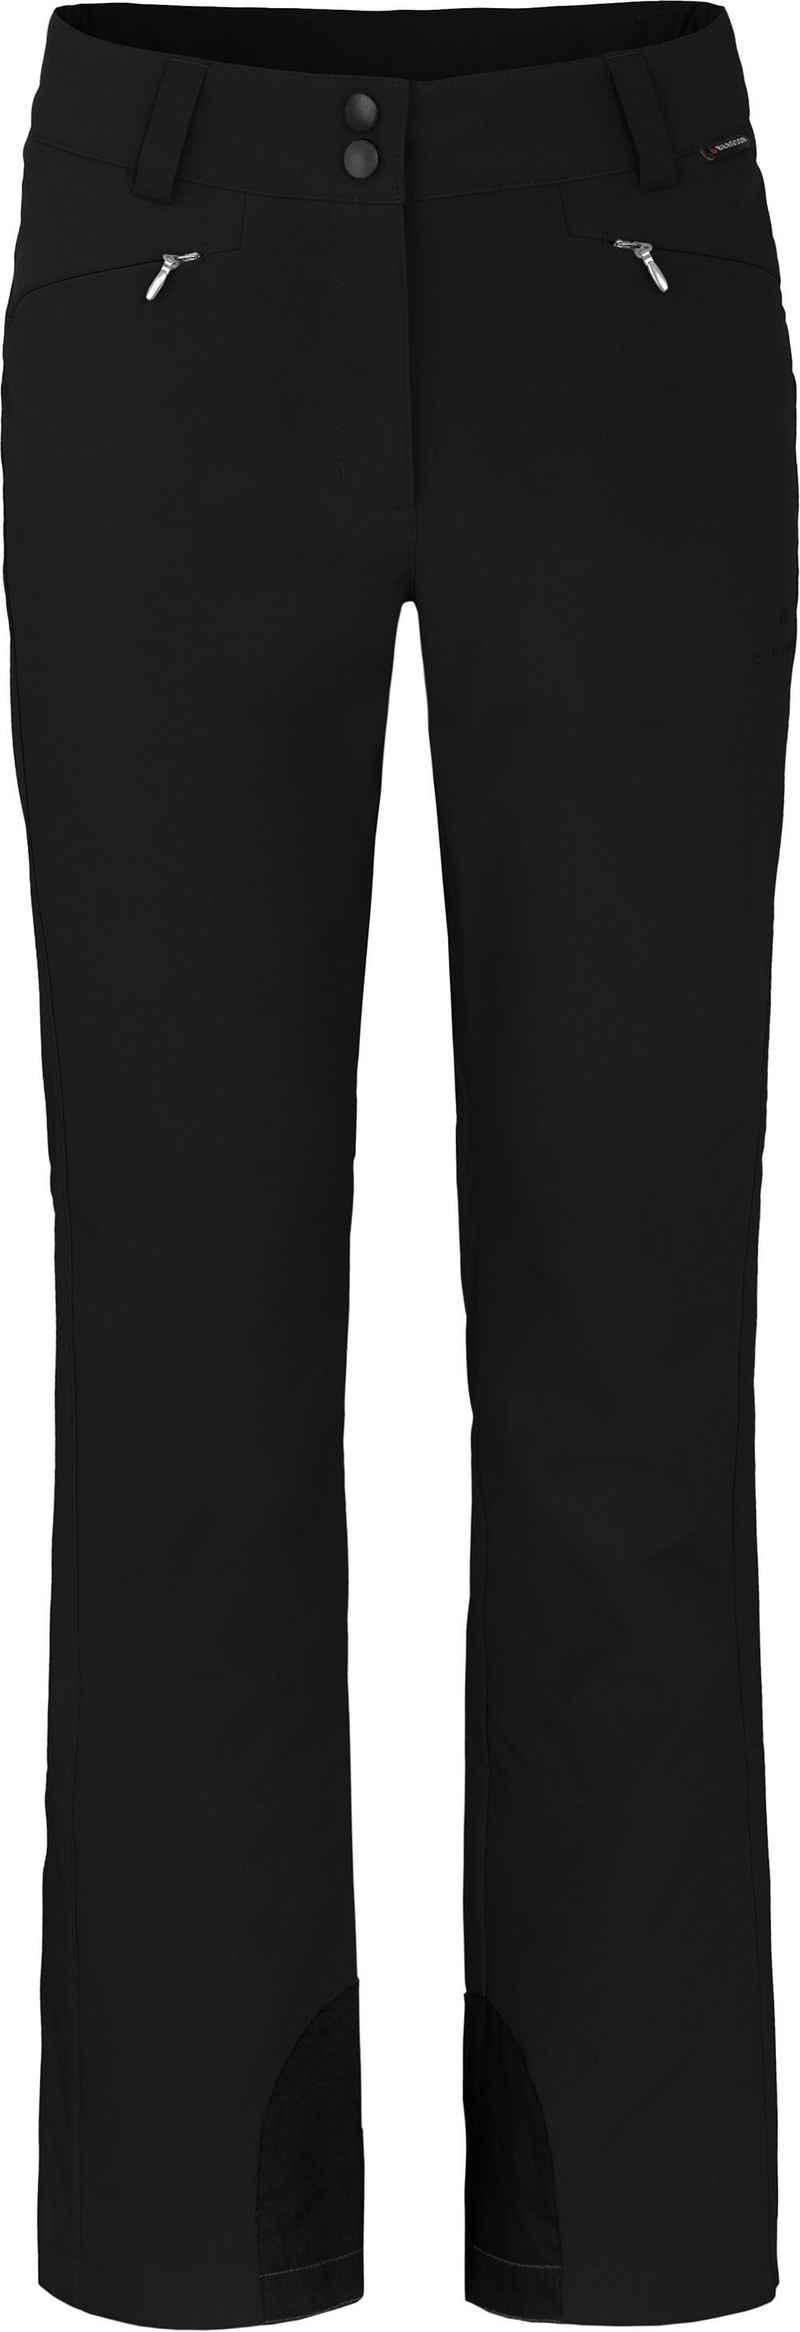 Bergson Skihose »SAIMAA« Damen Softshell Skihose, winddicht, elastisch, Normalgrößen, schwarz